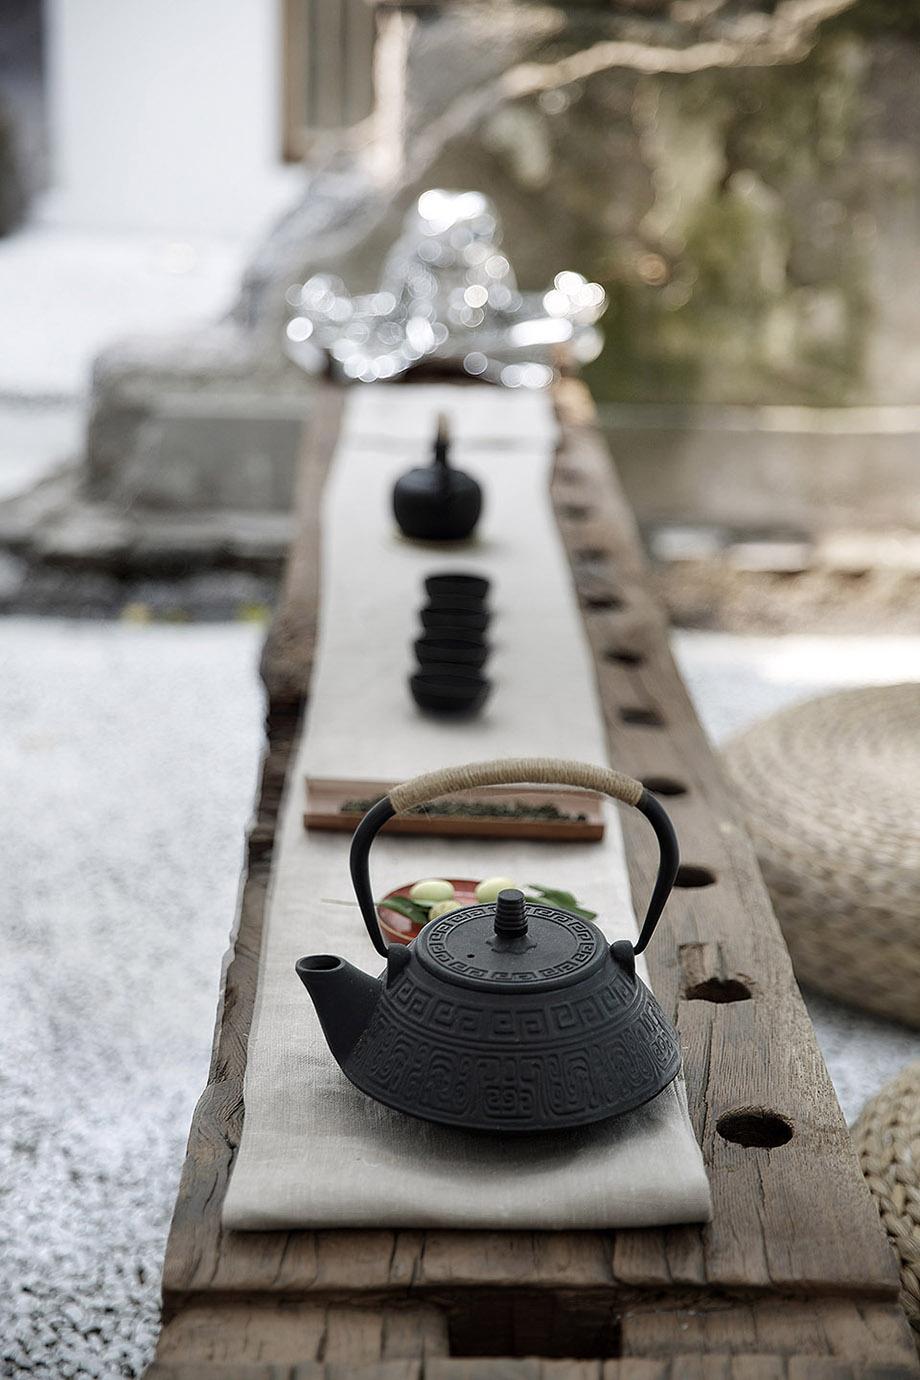 โต๊ะน้ำชาในสวน